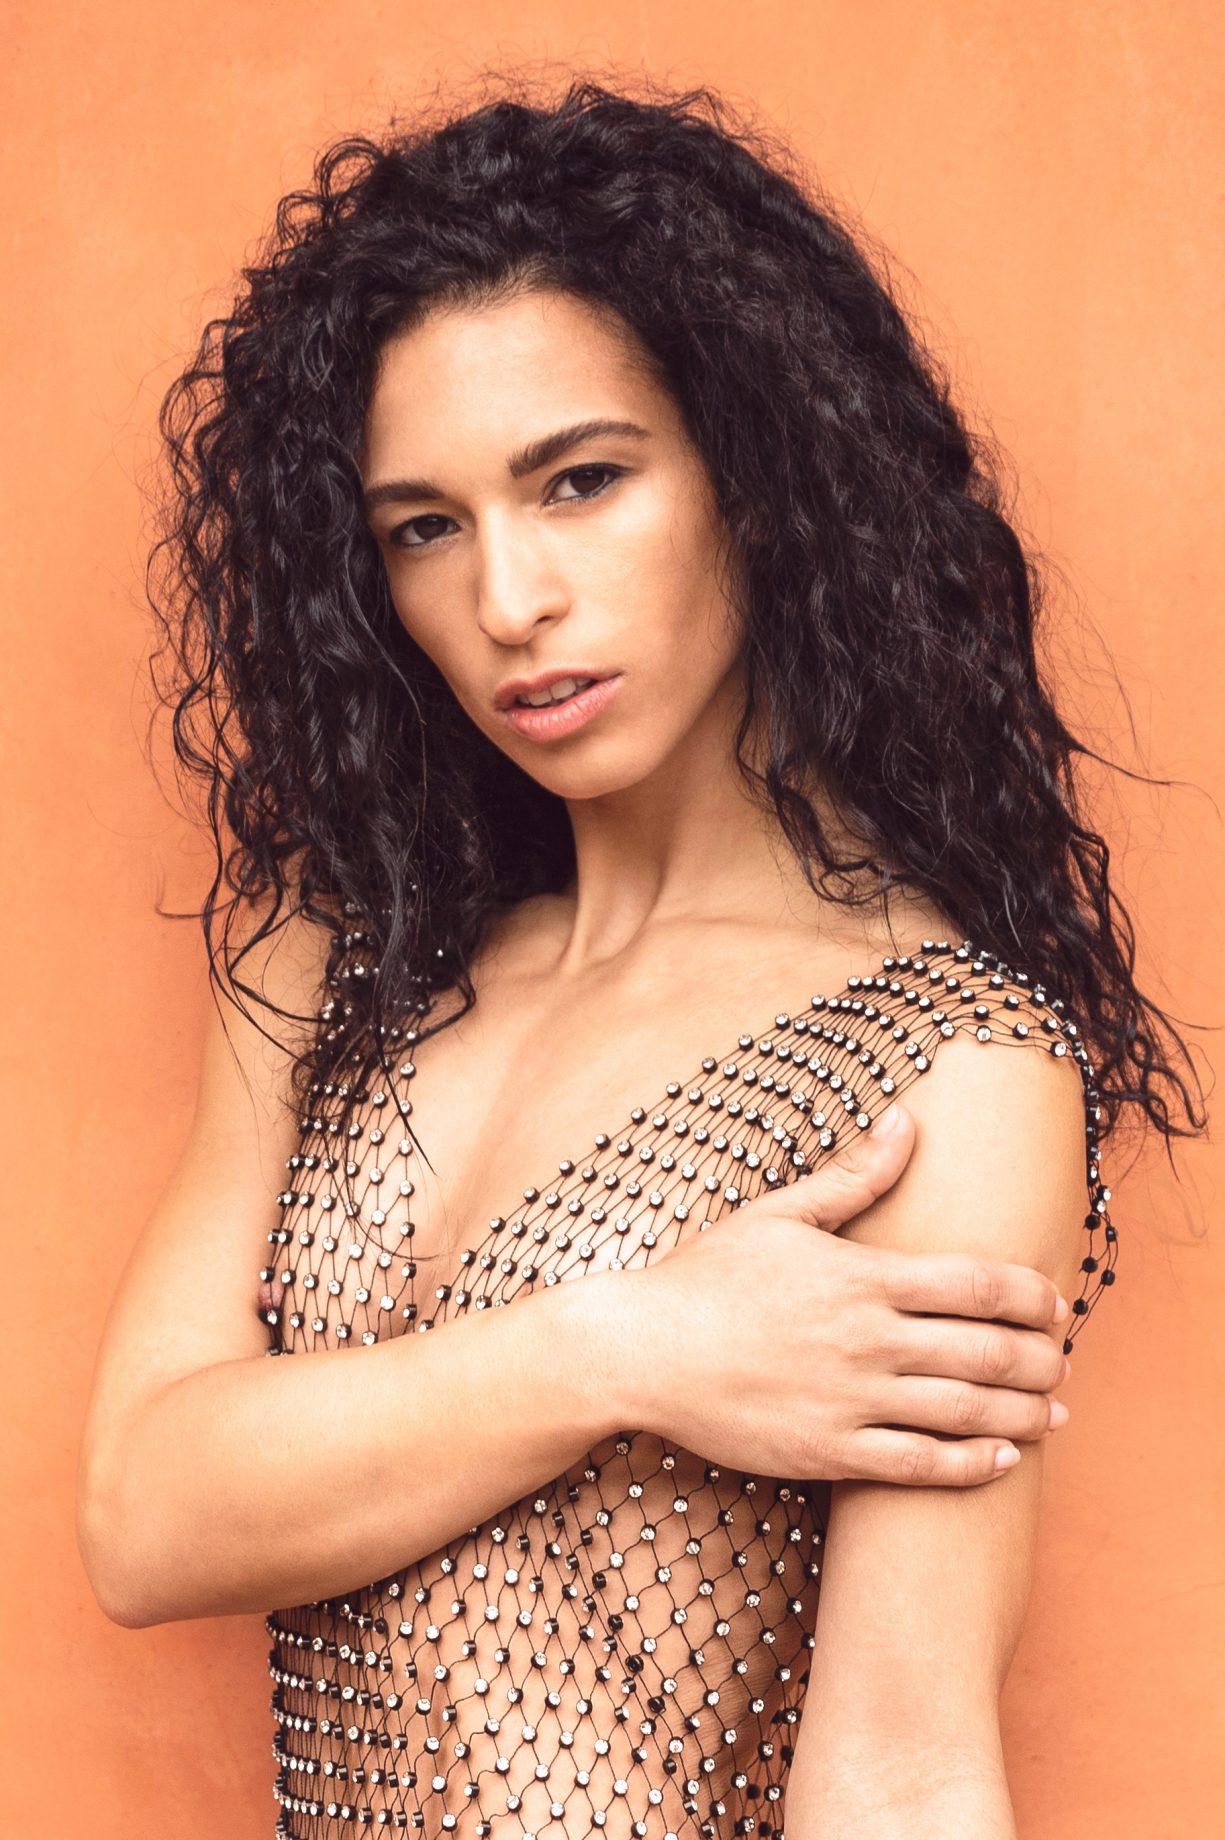 Vanessa Villegas